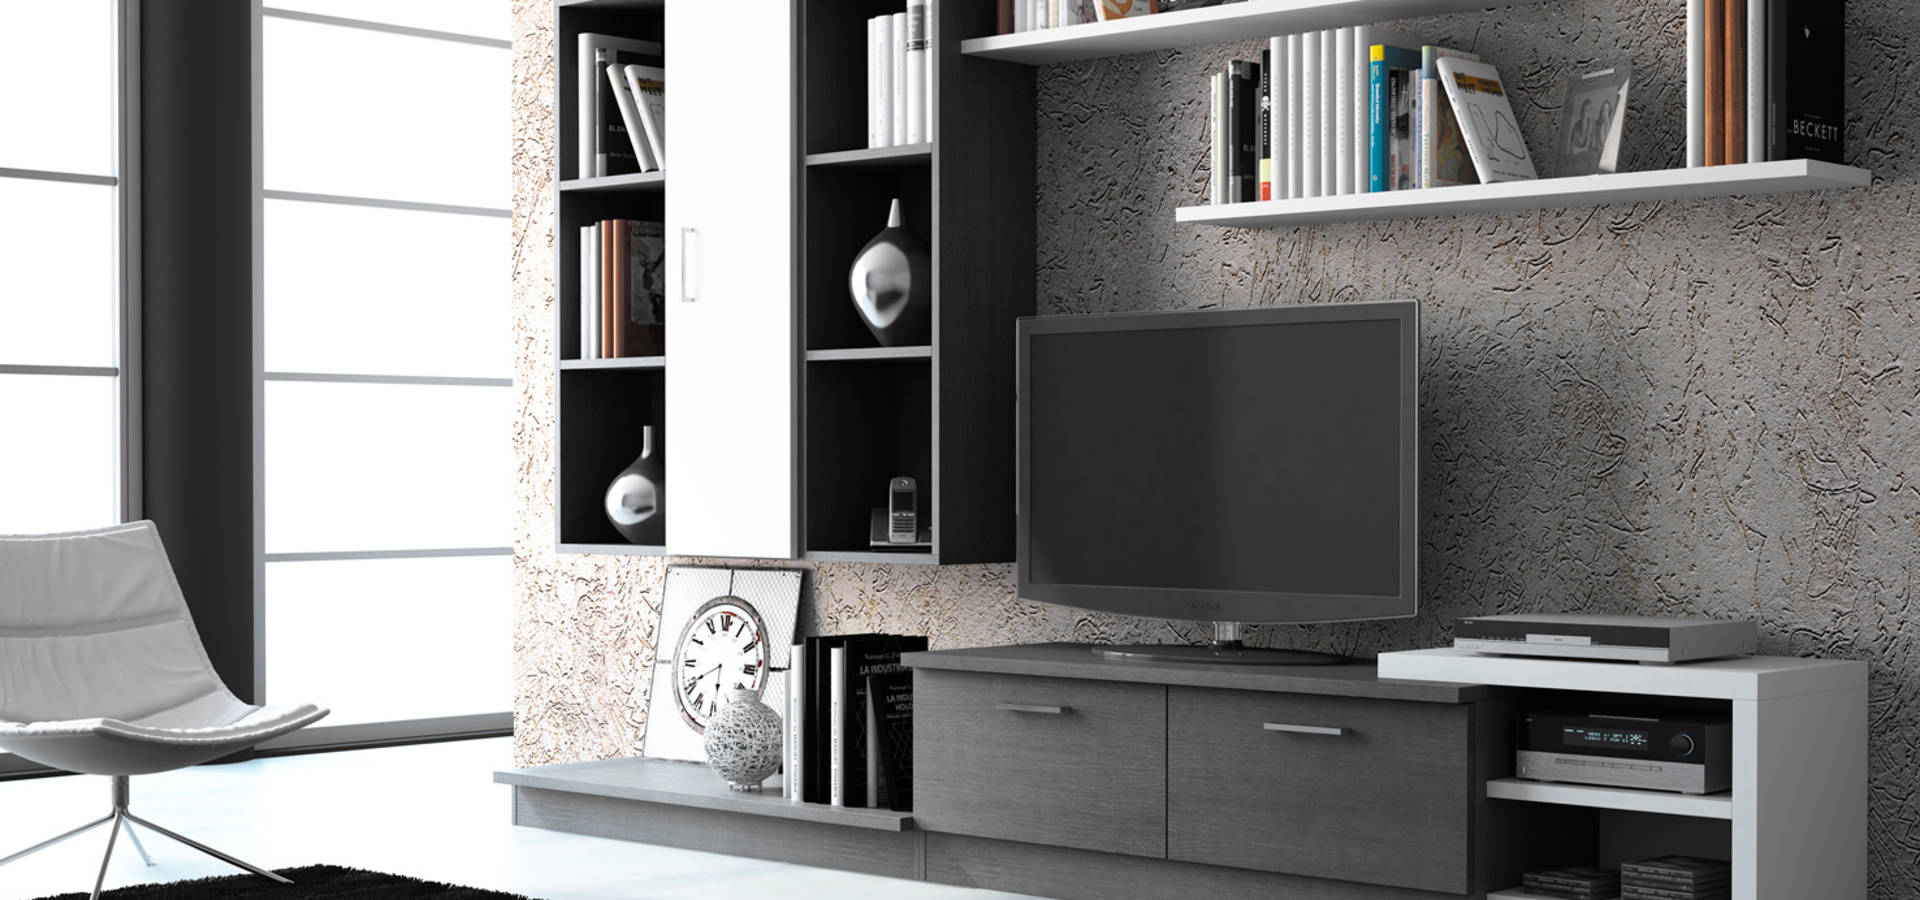 Muebles 1 click muebles y accesorios en dos hermanas - Muebles en dos hermanas ...